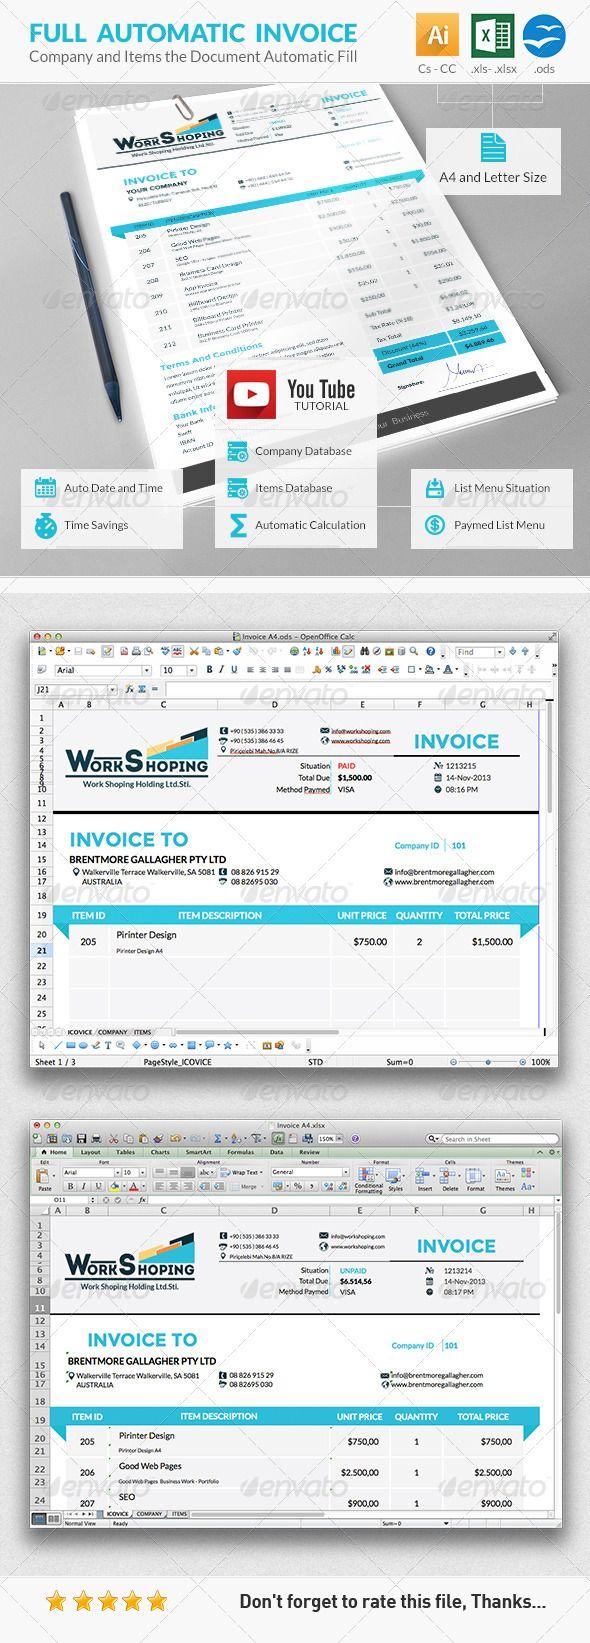 #invoice, #design, invoice template, free invoice template,online invoice,sample invoice,invoice sample,create invoice,invoice format,invoice online,invoice form,invoice maker,invoice example,invoice template free,blank invoice,invoice creator,invoice template pdf,free invoice,invoice template doc,commercial invoice,template for invoice,create invoice online,easy invoice,template invoice,simple invoice,free online invoice,sample of invoice,printable invoice,invoice design,sales invoice